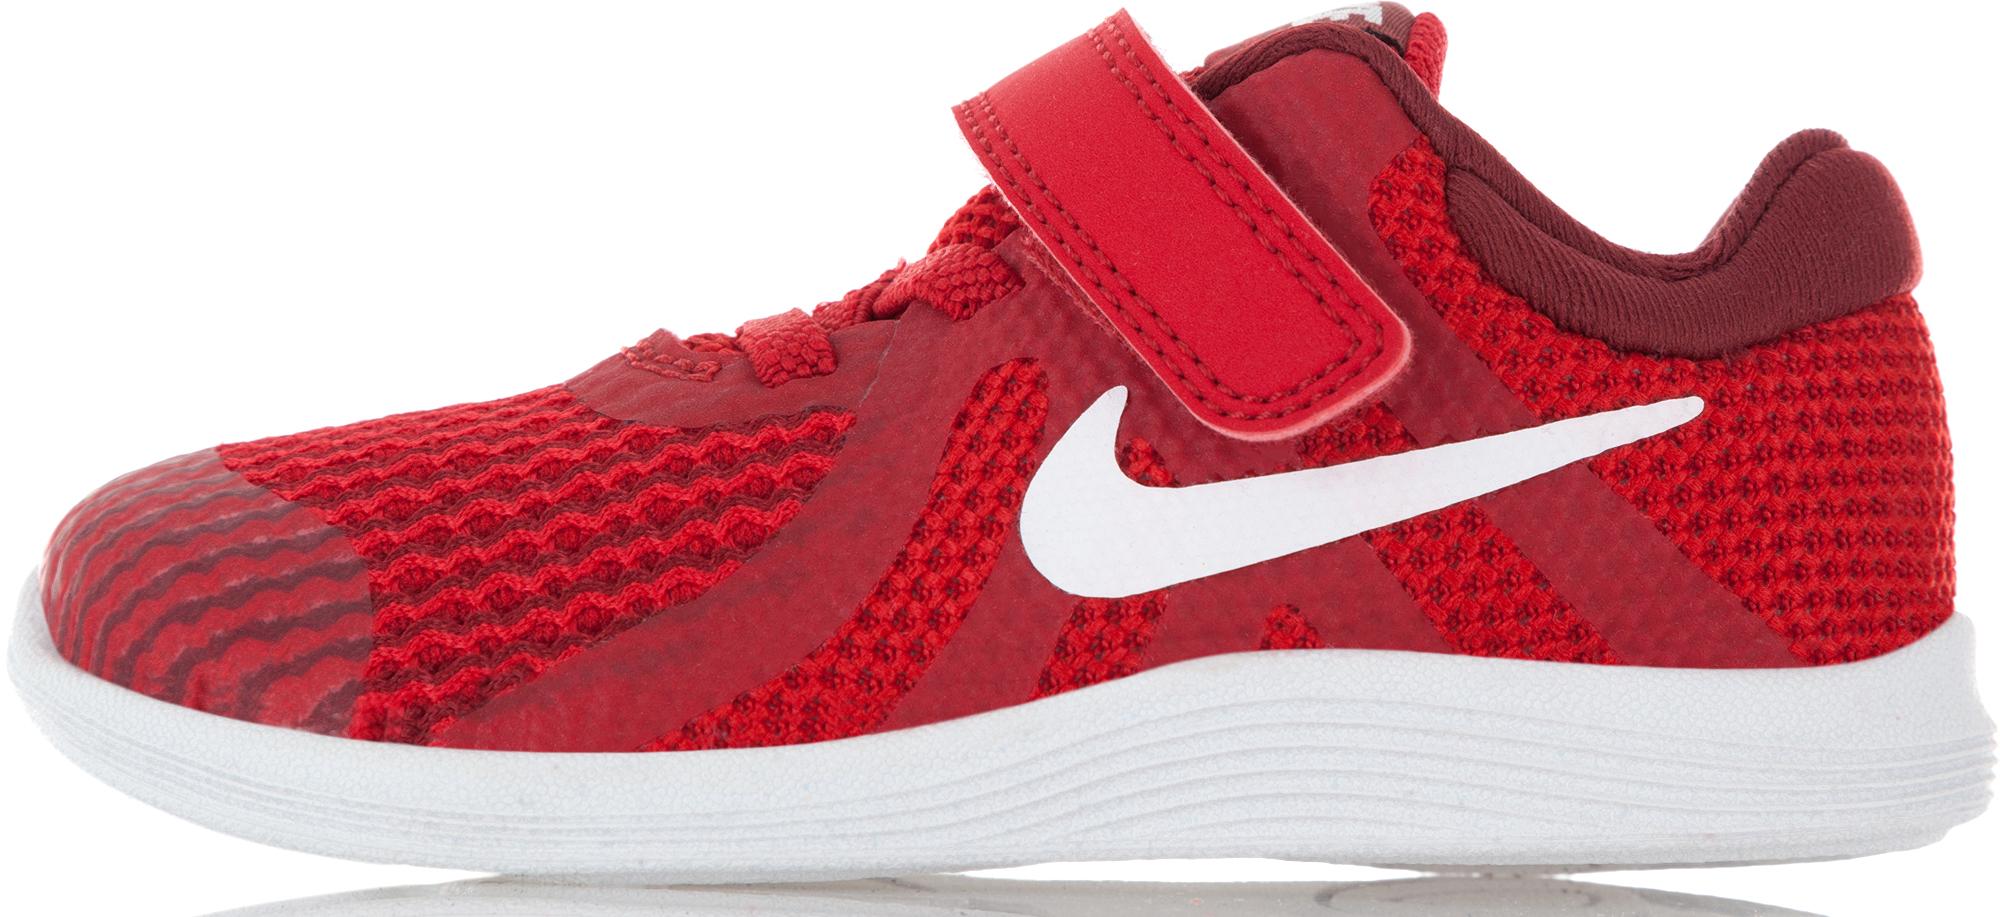 Nike Кроссовки для девочек Nike Revolution 4 nike pico 4 кроссовки для девочек